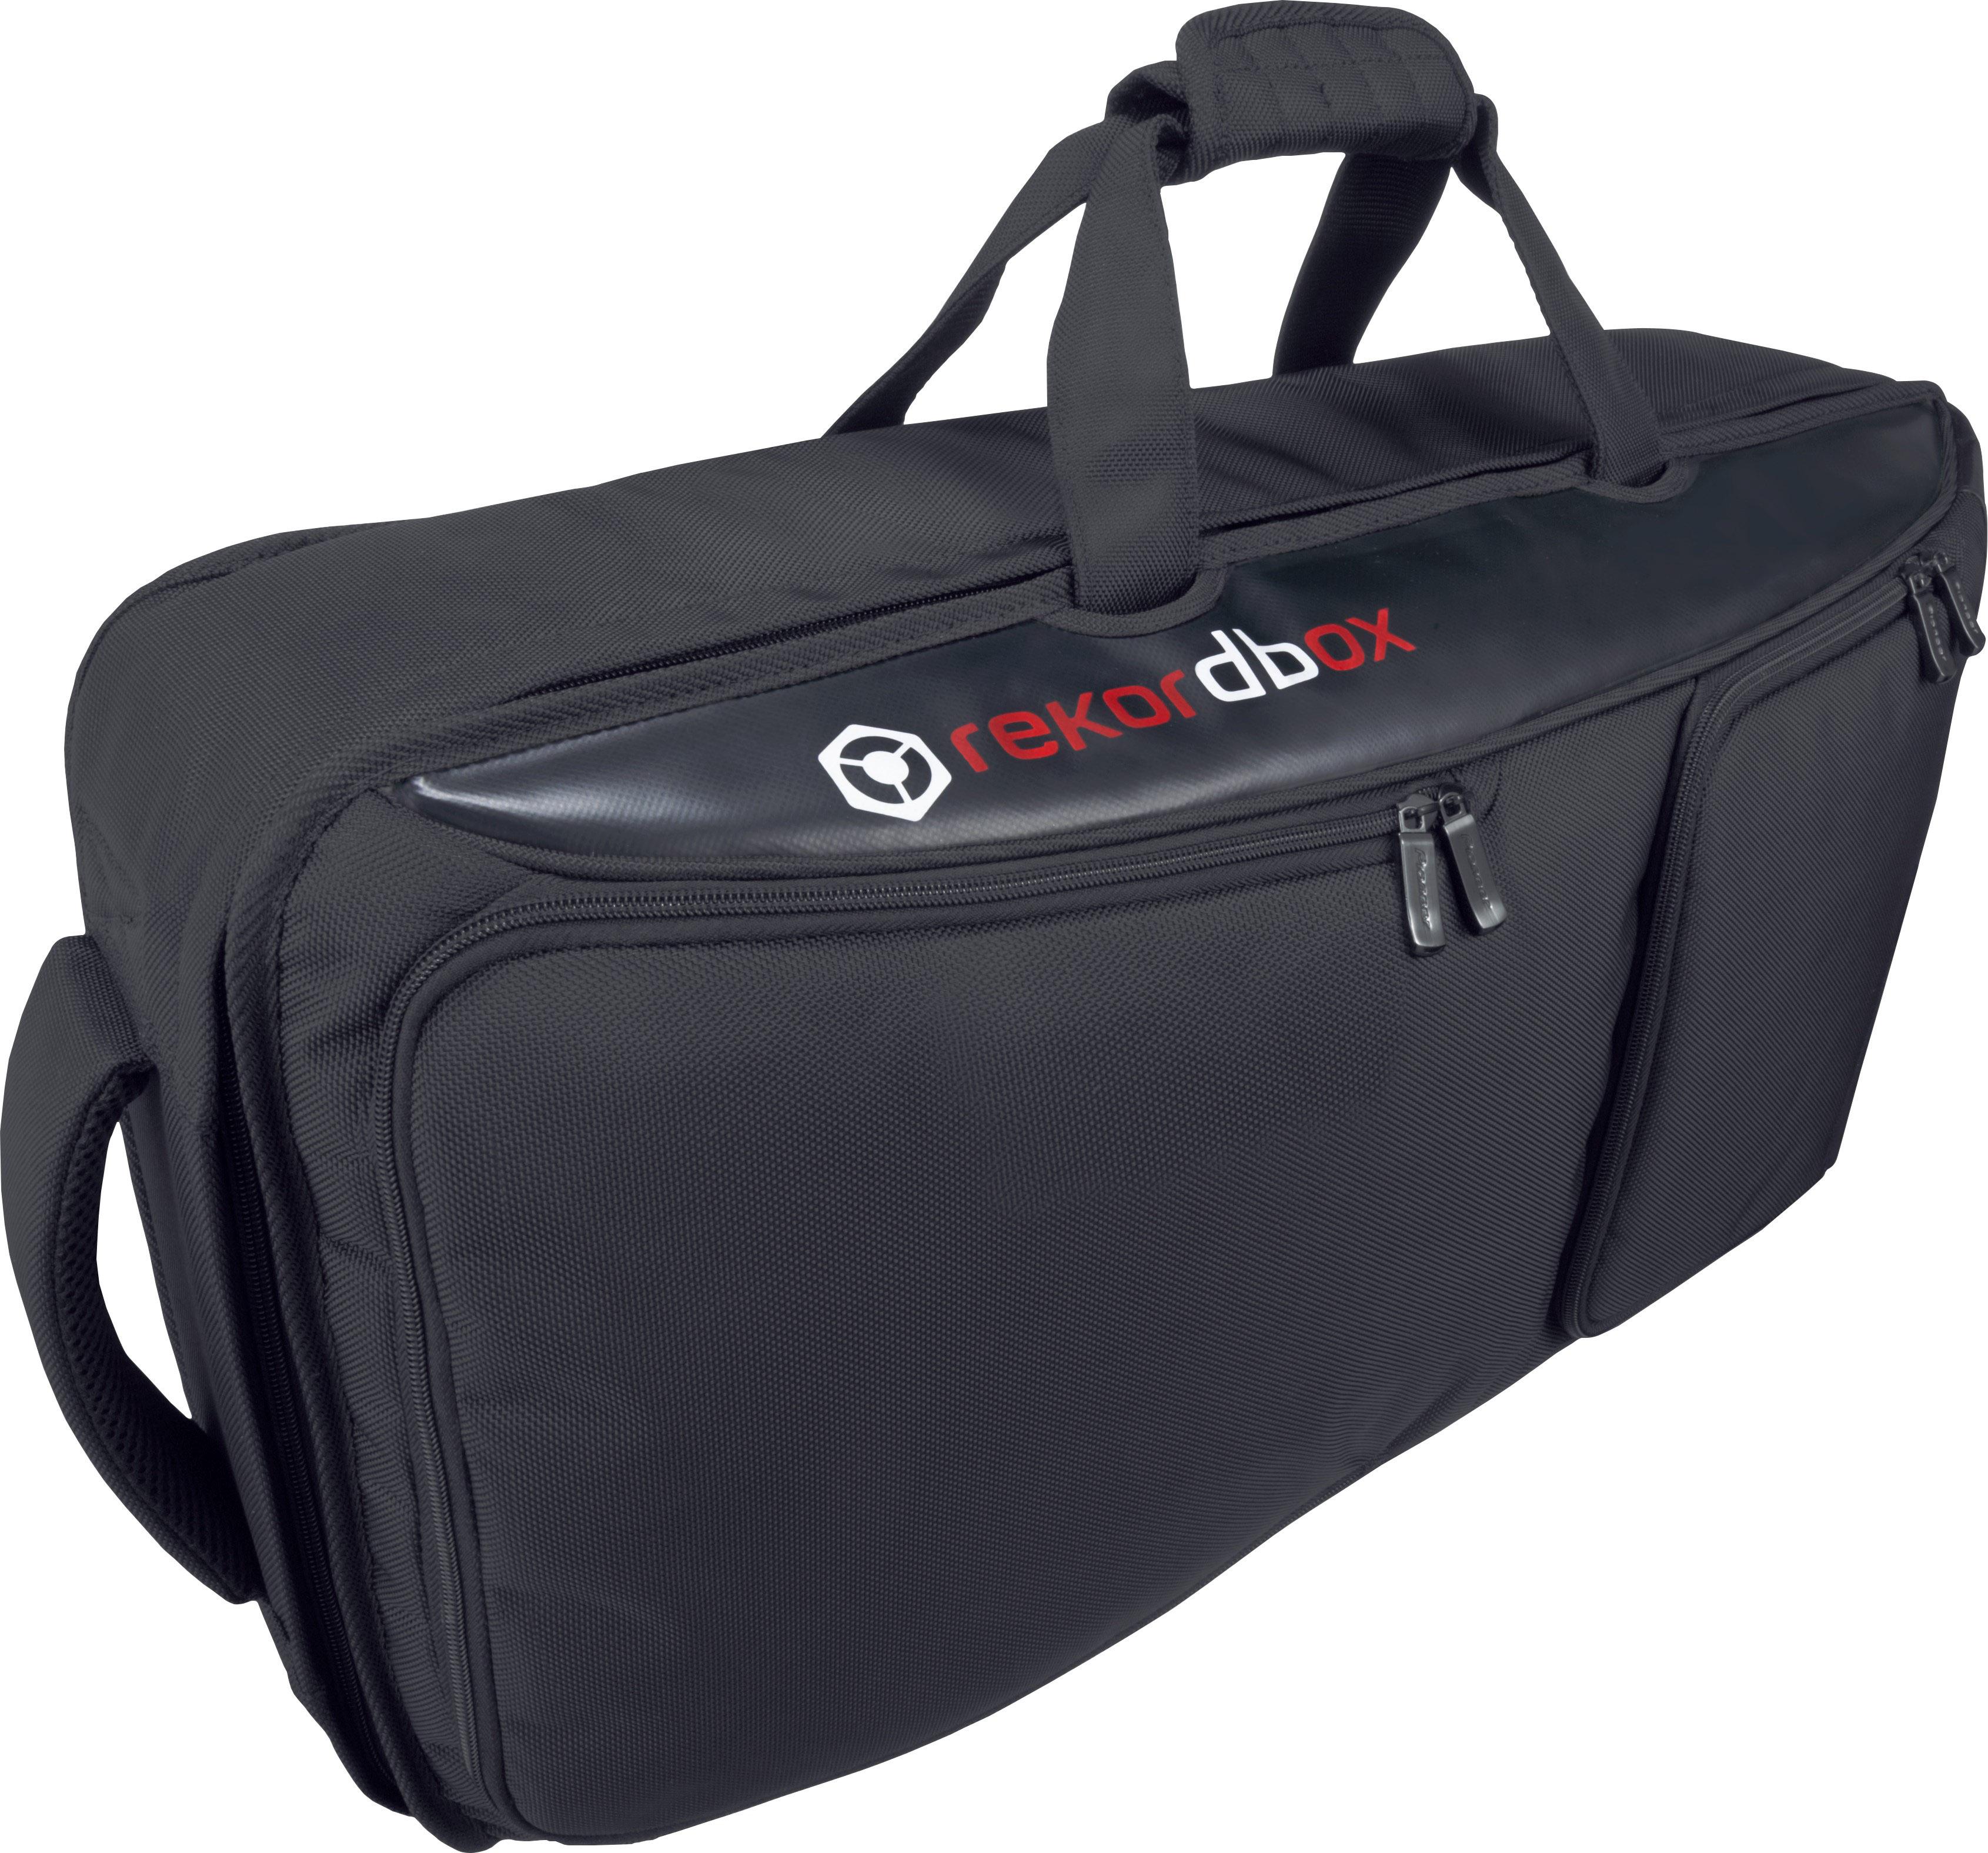 Pioneer-DJC-SC2-DJ-Controller-Bag-for-XDJ-AERO-DDJ-SR-DDJ-ERGO thumbnail 2